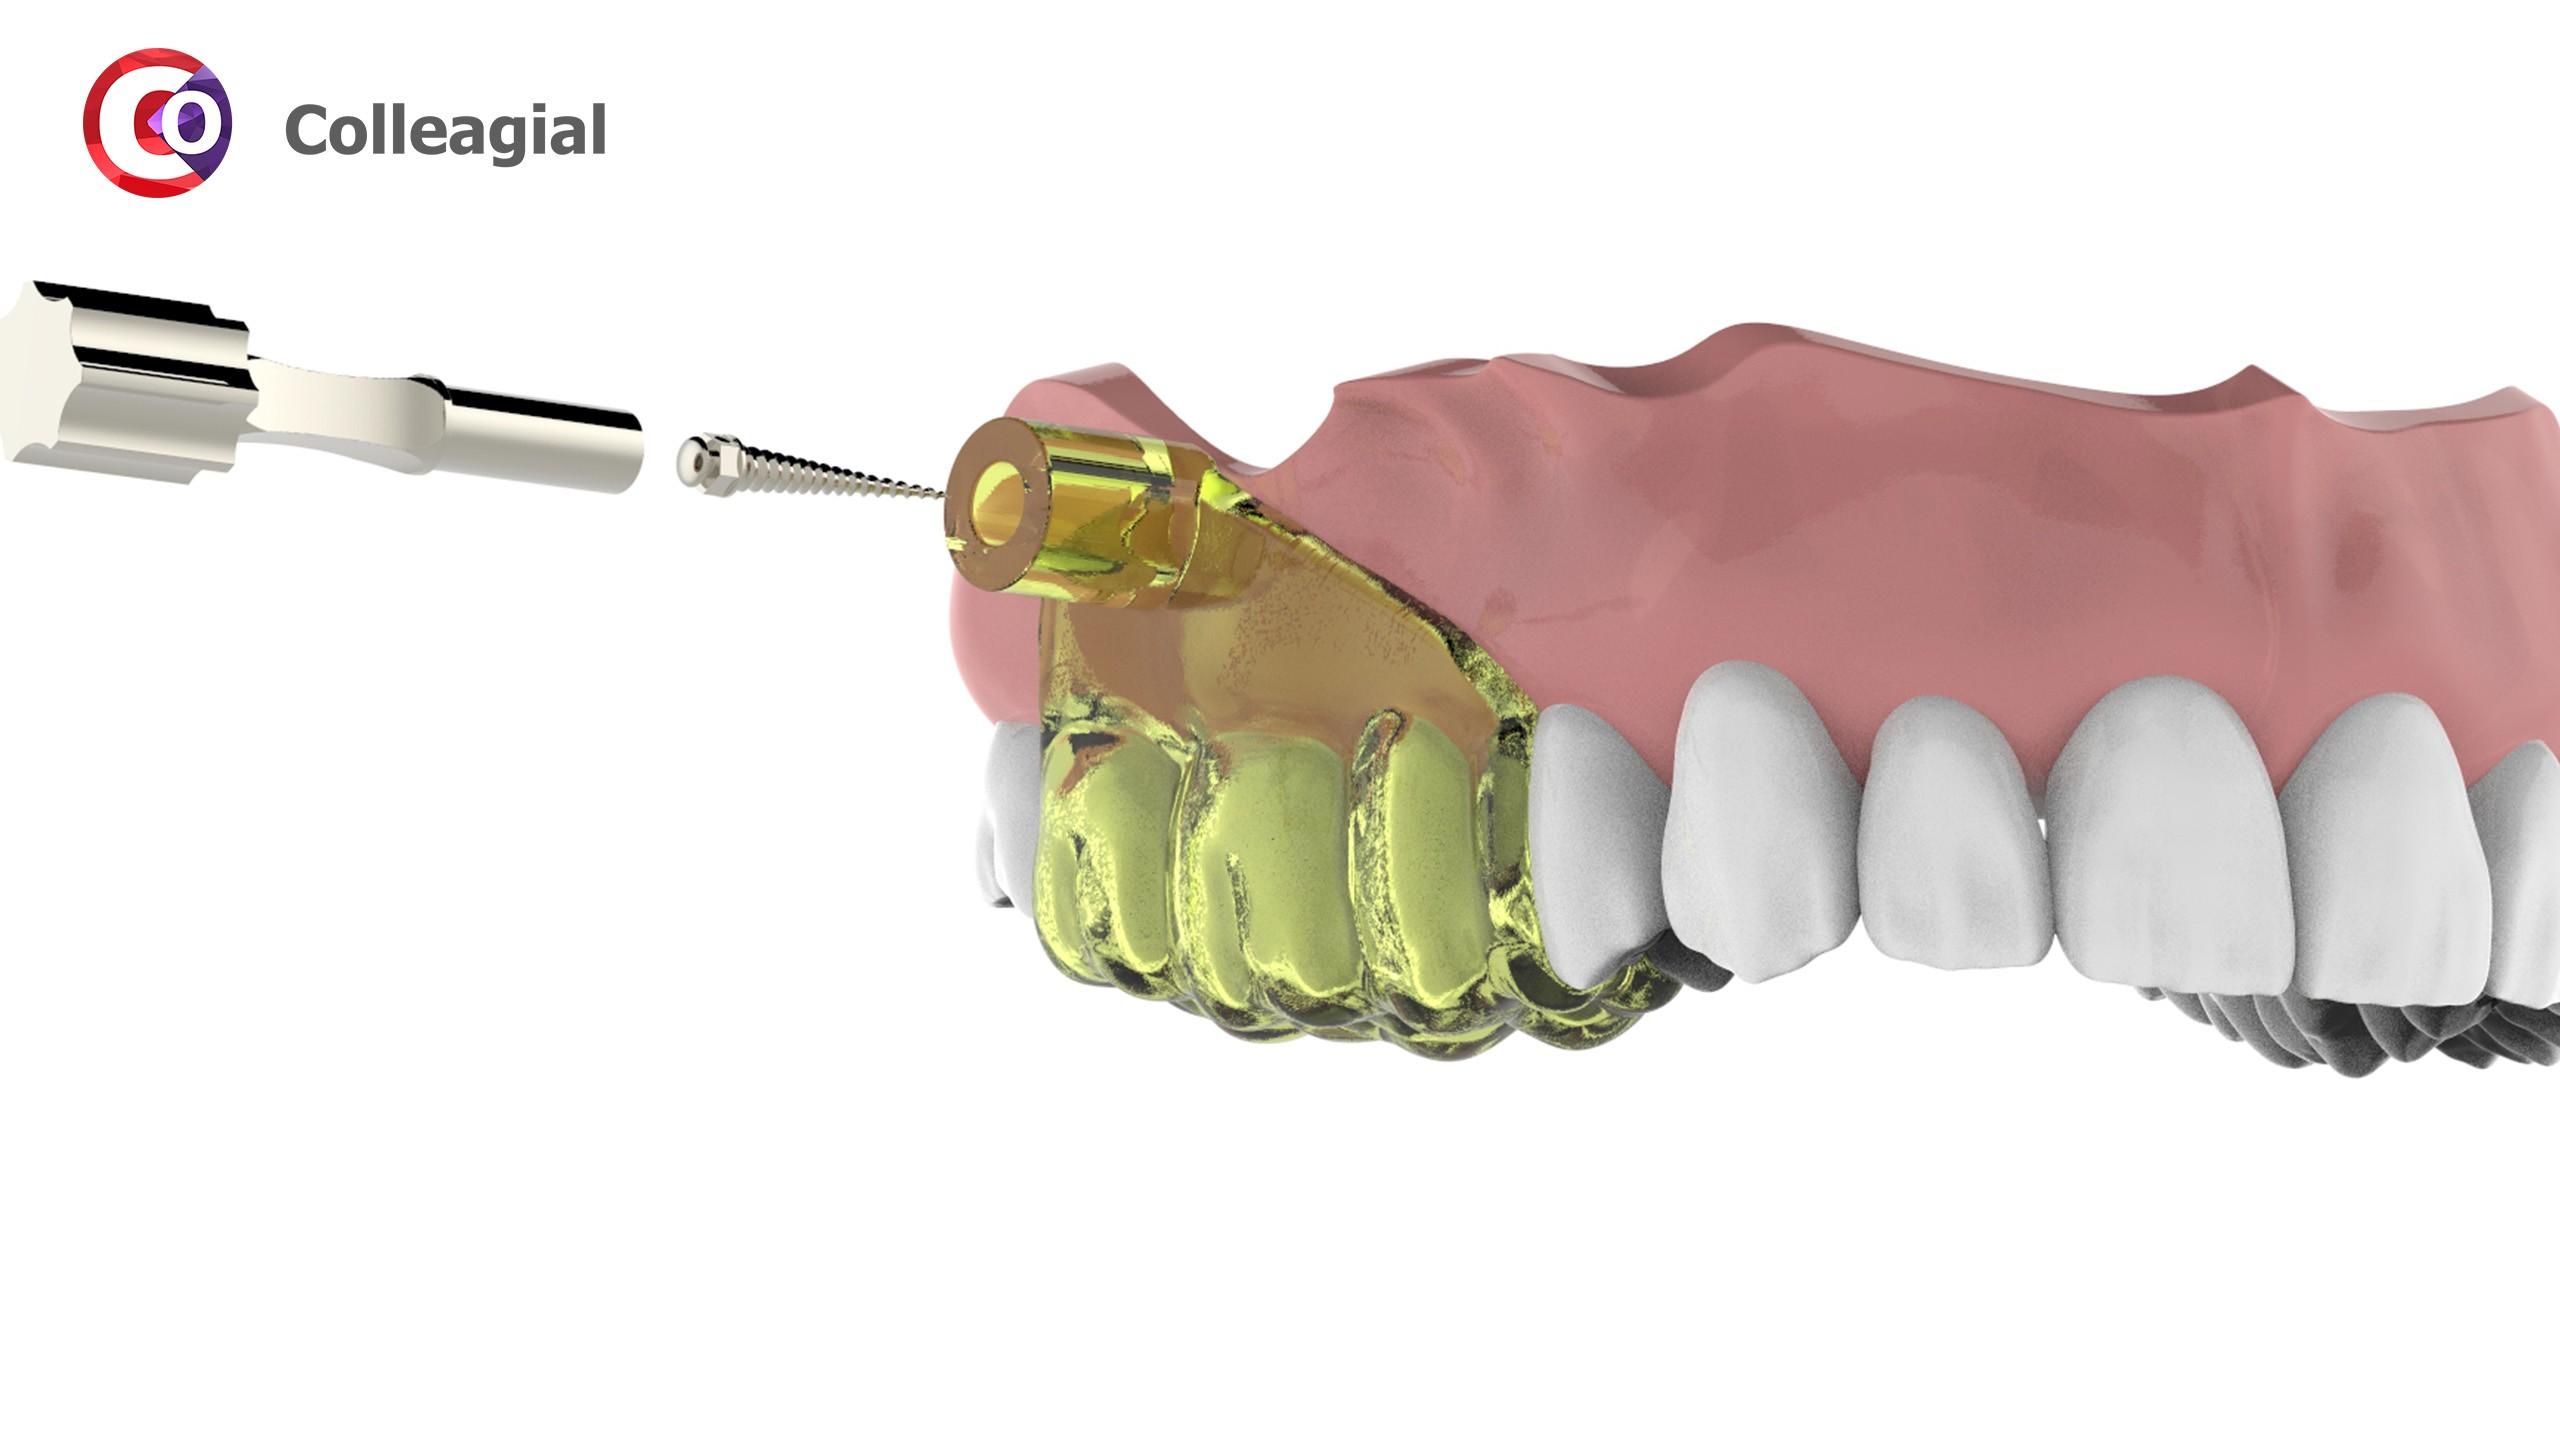 Mini-implanty-02